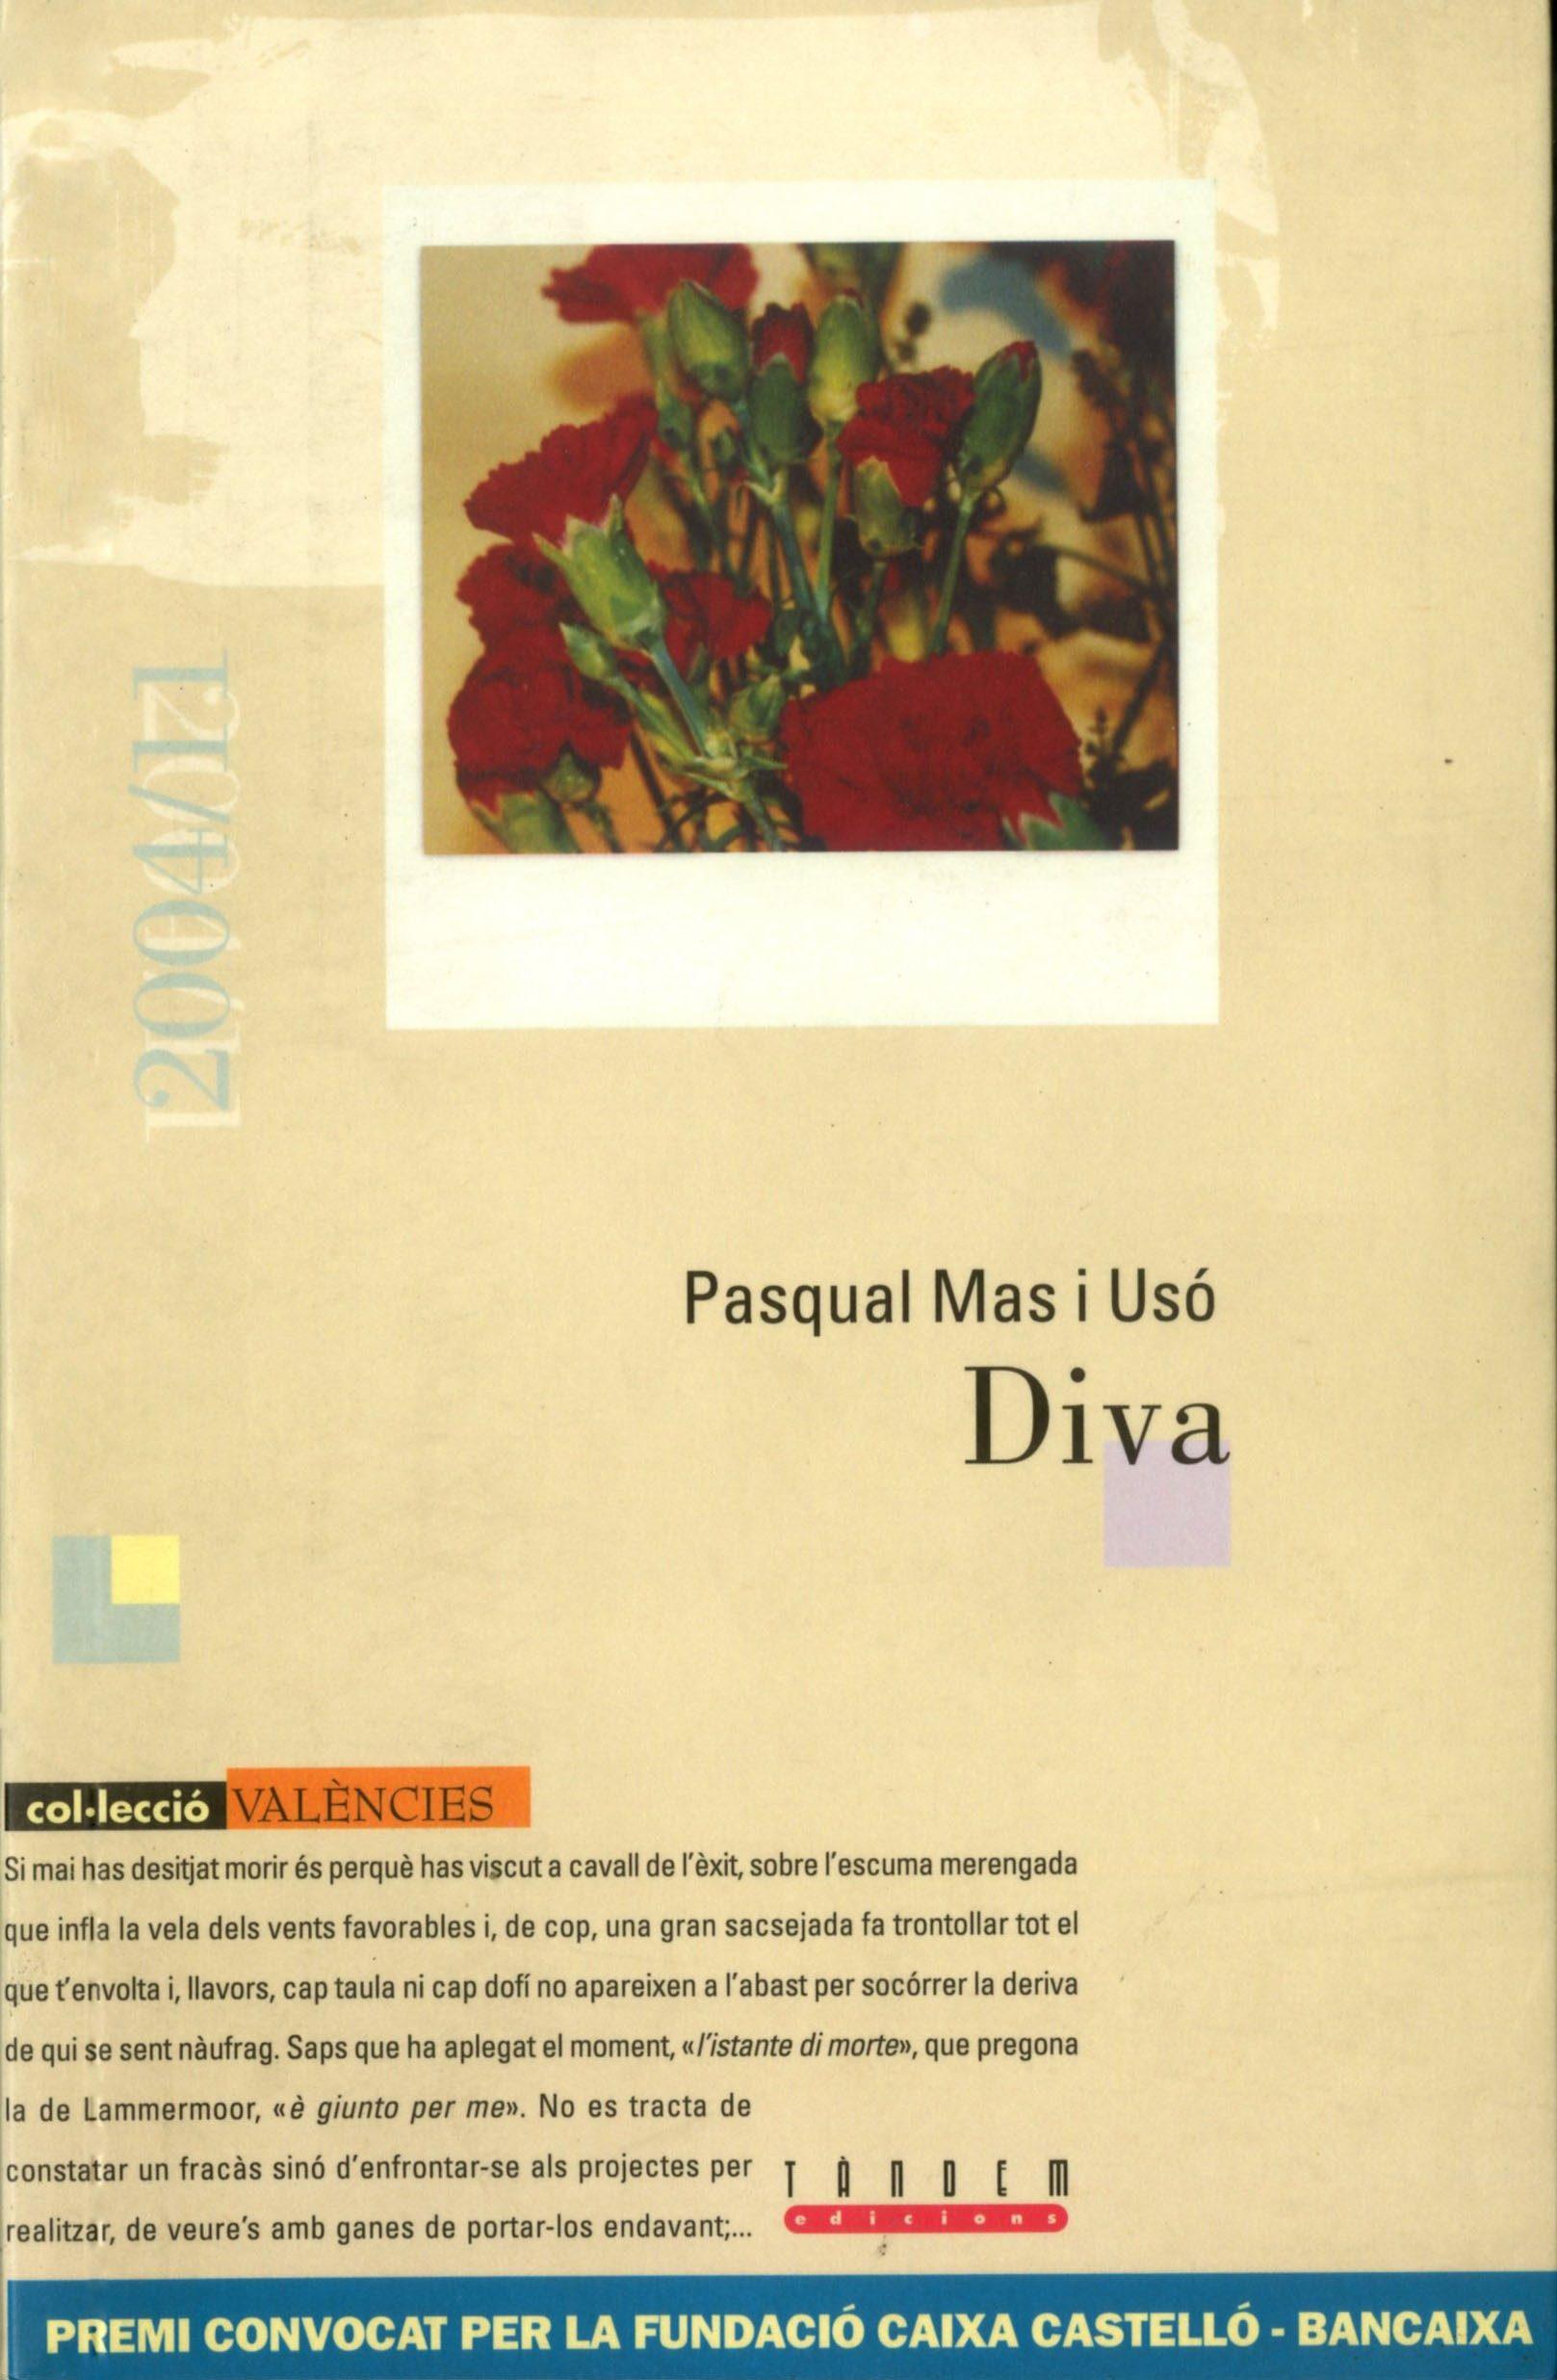 Diva por Pasqual Mas I Uso